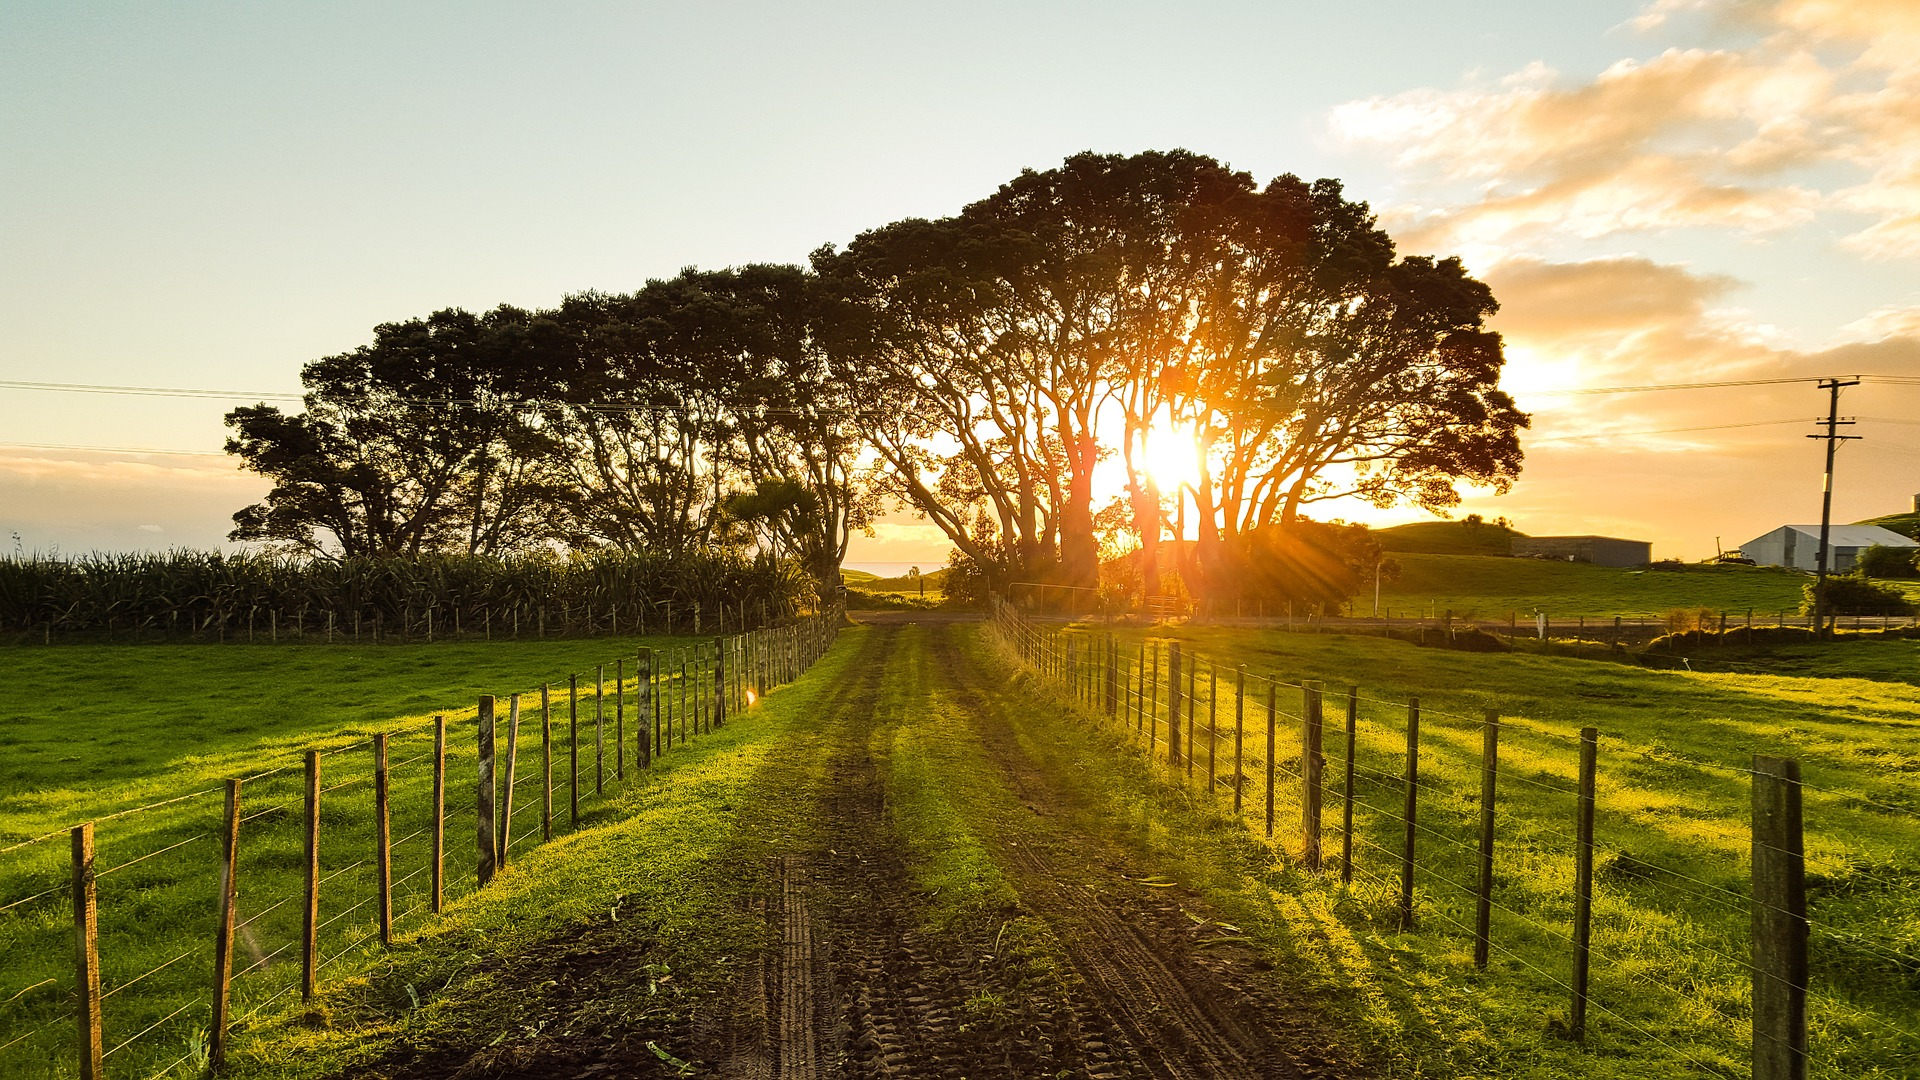 Labas Lauksaimniecības prakses īstenošana: iespējas un izaicinājumi